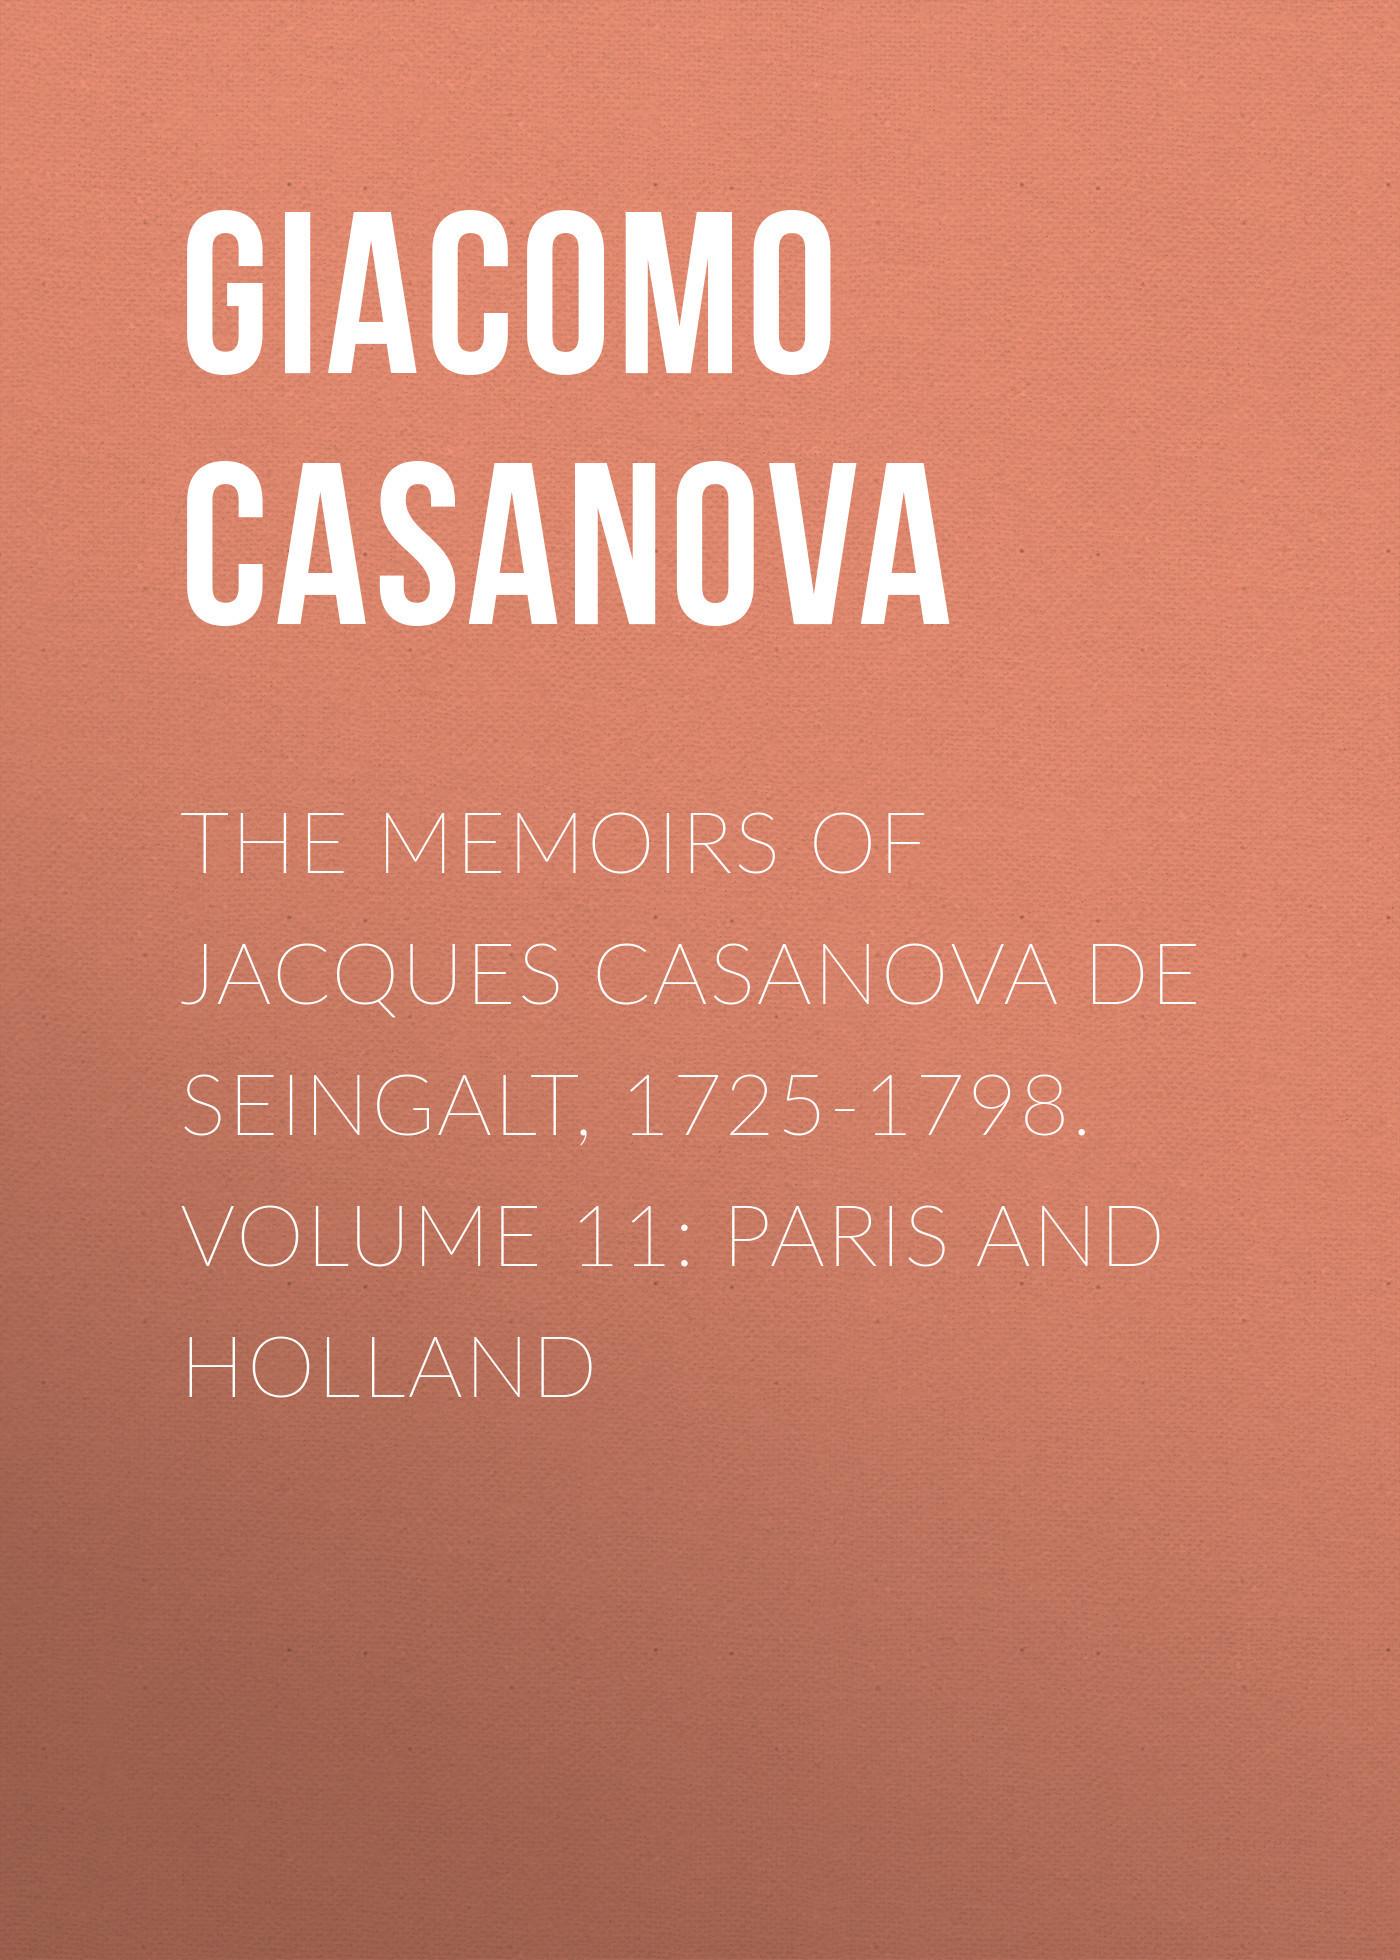 Giacomo Casanova The Memoirs of Jacques Casanova de Seingalt, 1725-1798. Volume 11: Paris and Holland giacomo casanova the memoirs of jacques casanova de seingalt 1725 1798 volume 17 return to italy